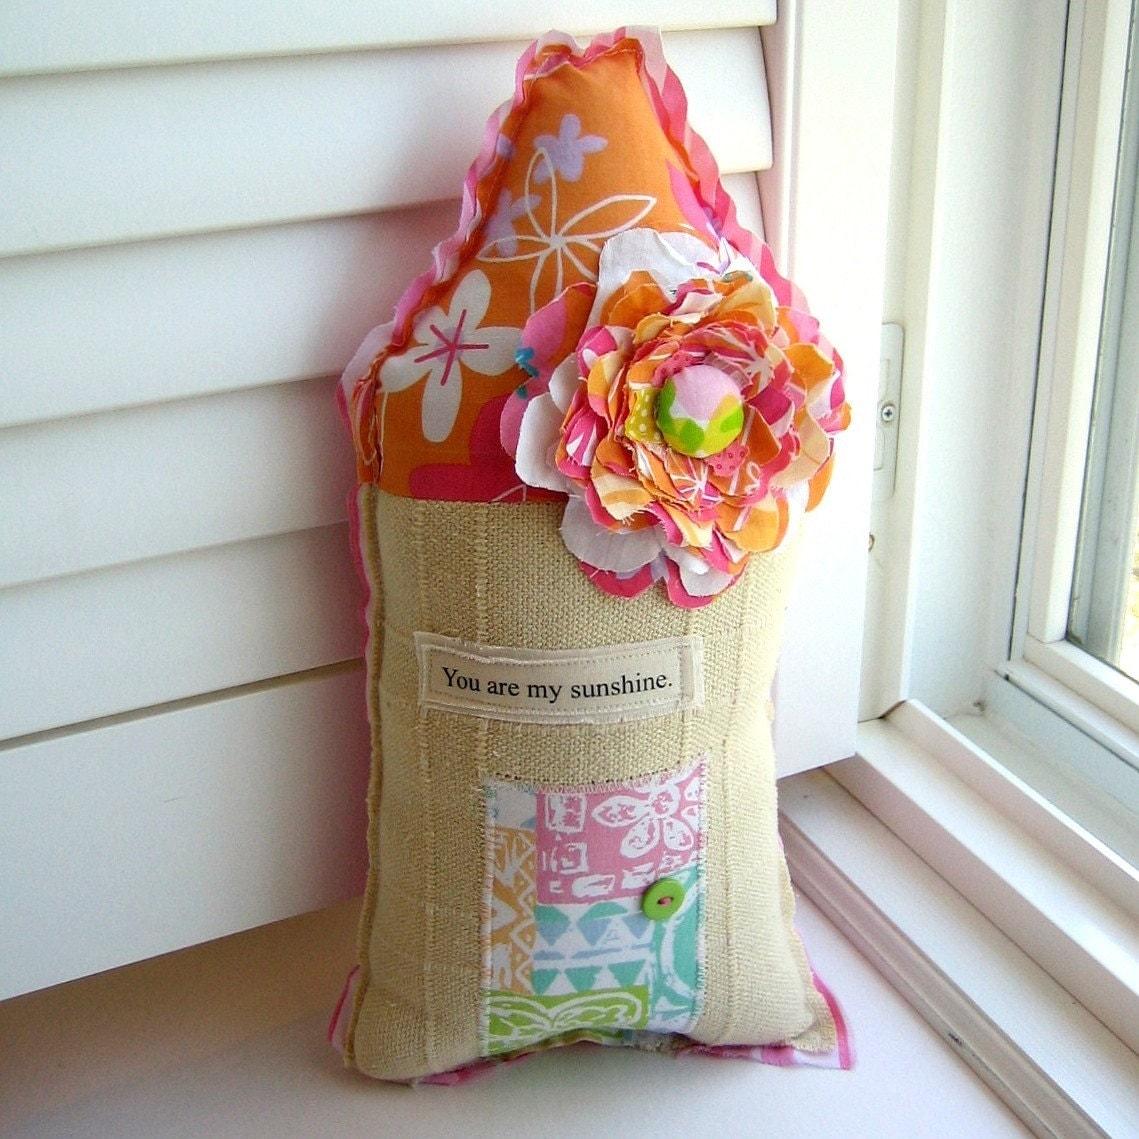 <br />Handmade Fabric House Pillow, Appliqued Happy Home, No. 48